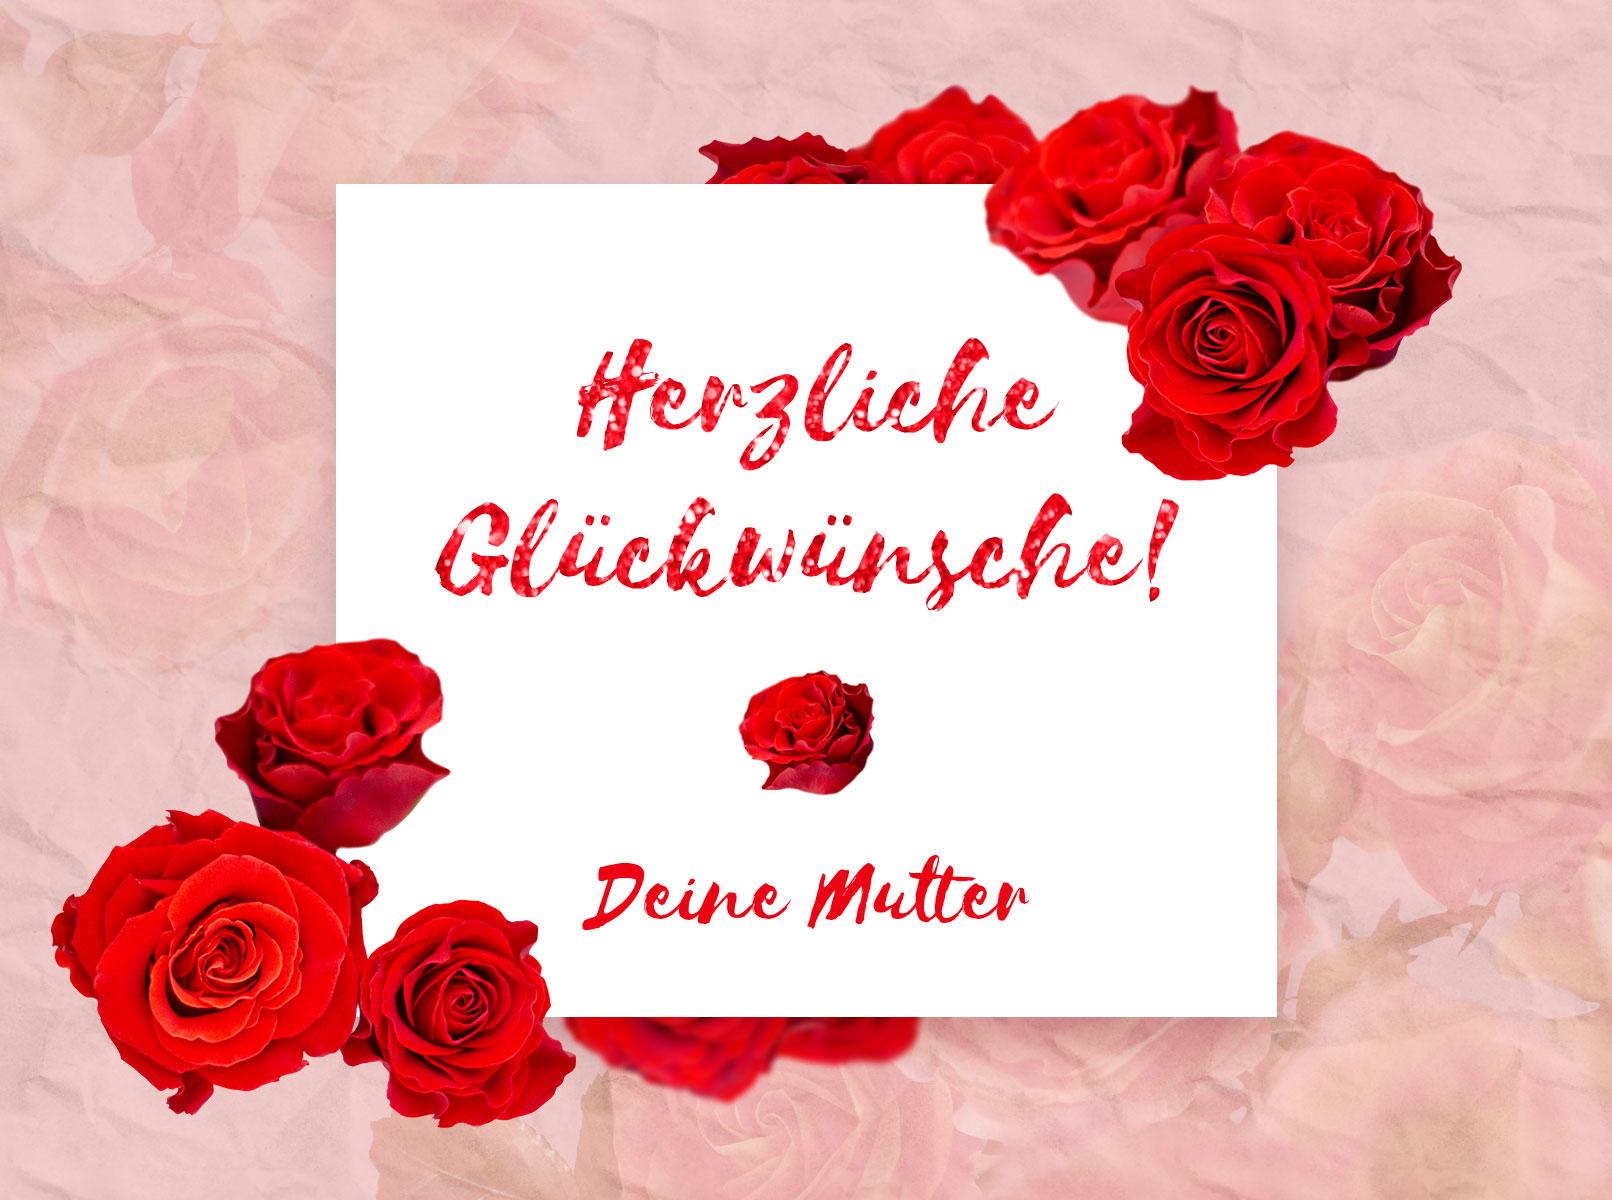 Glückwunschkarte, die mit Bildern von roten Rosen gestaltet wurde